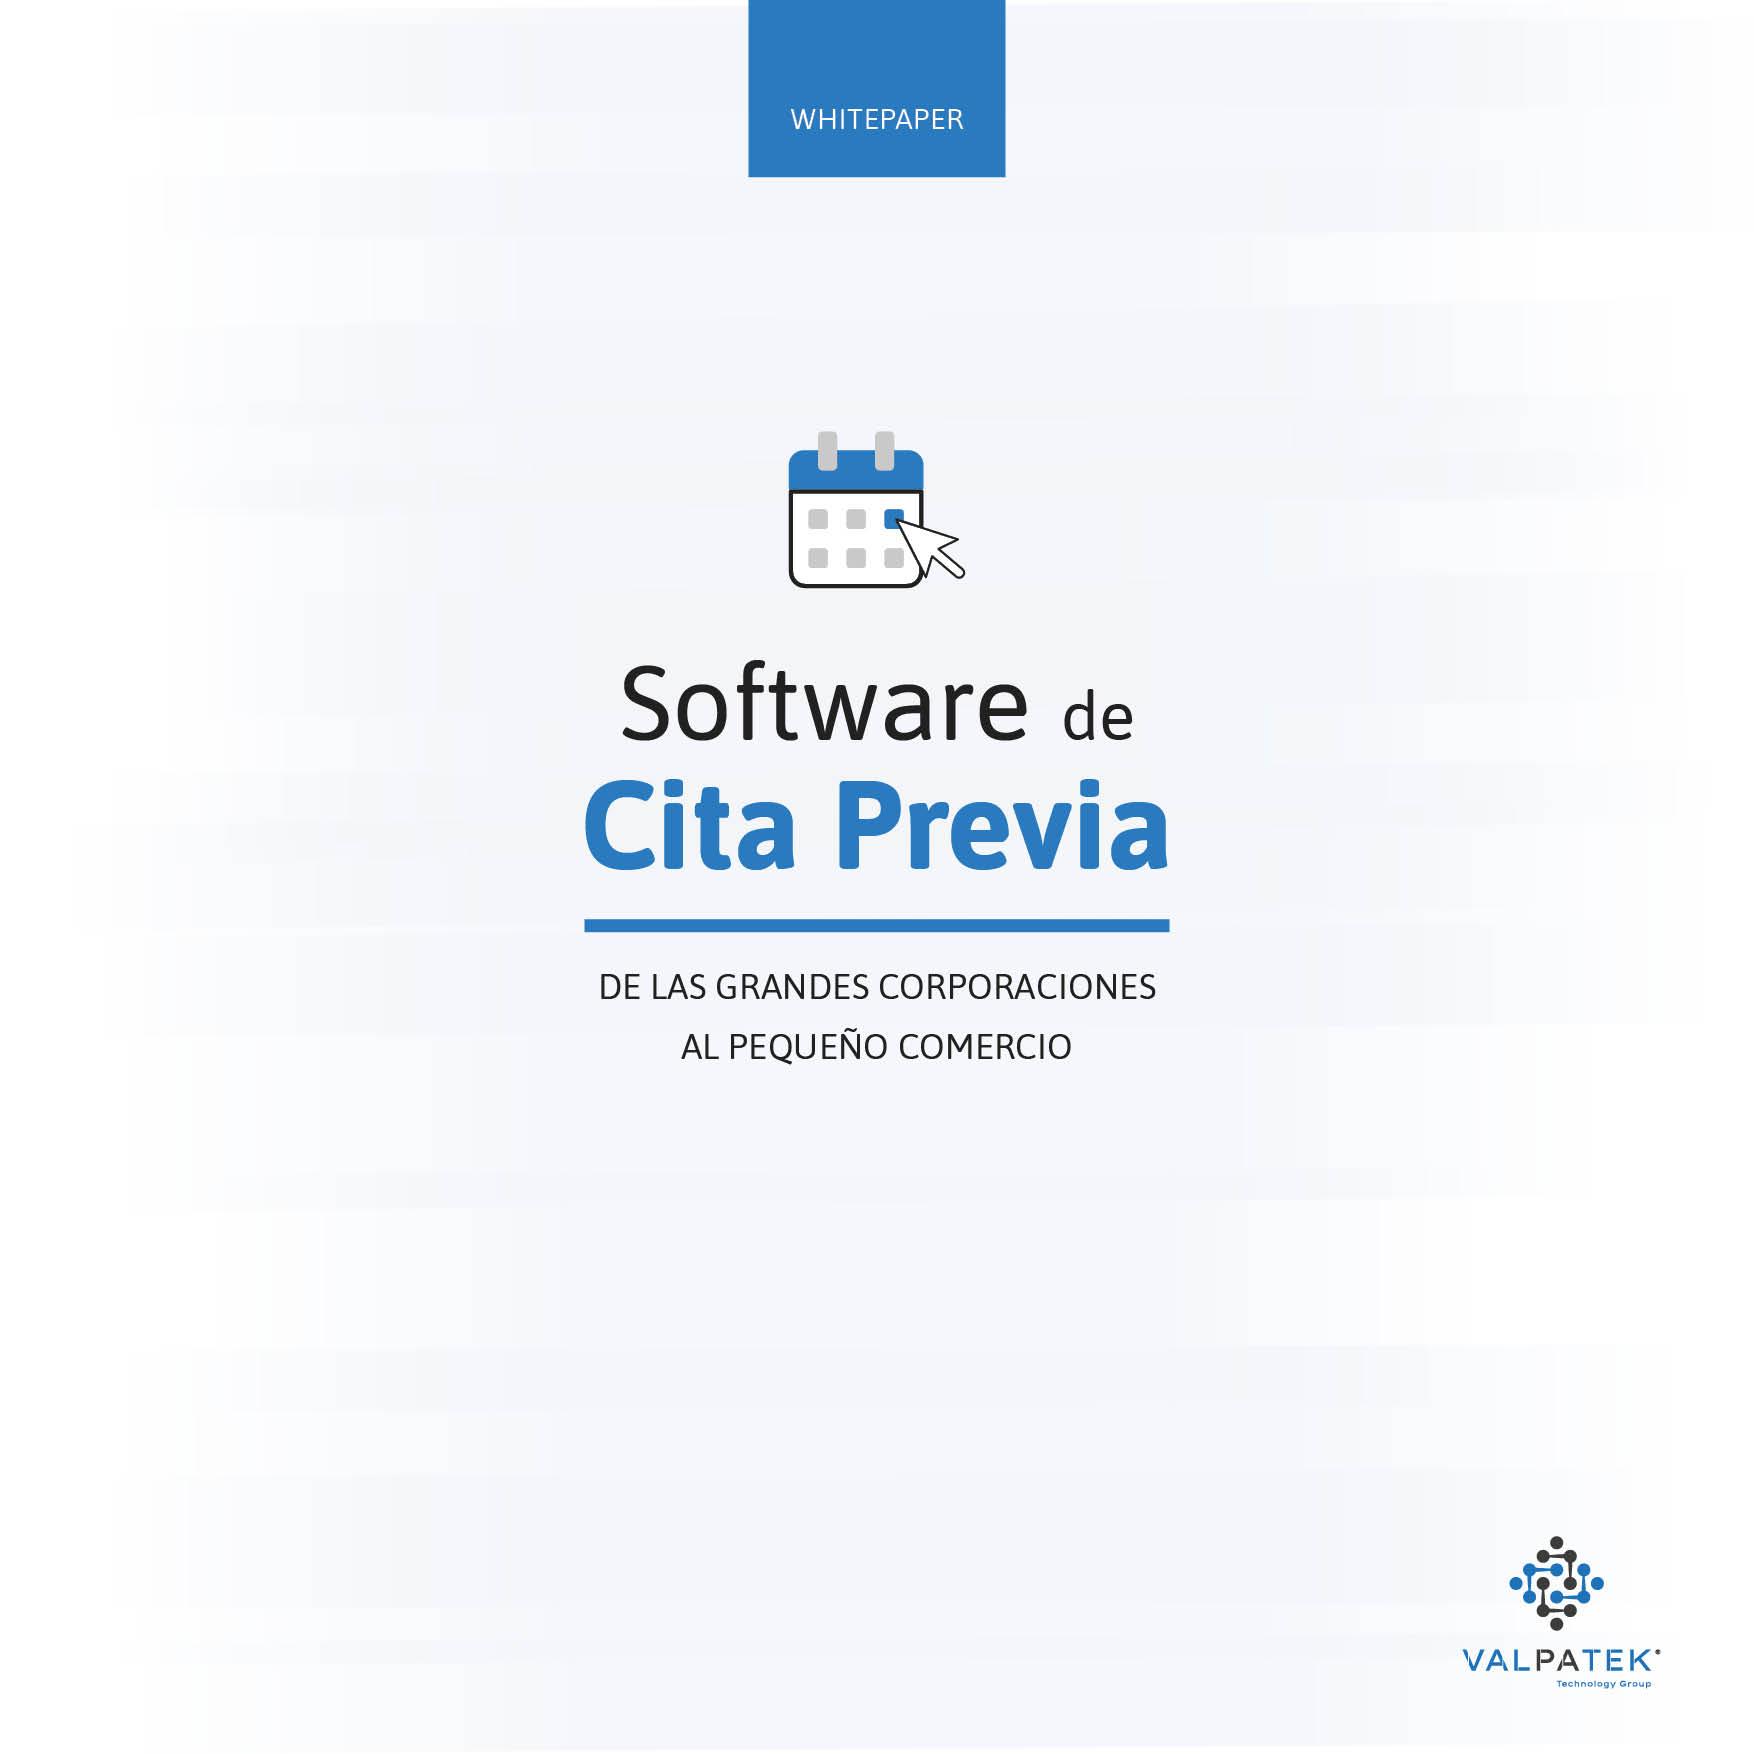 Whitepaper Cita Previa